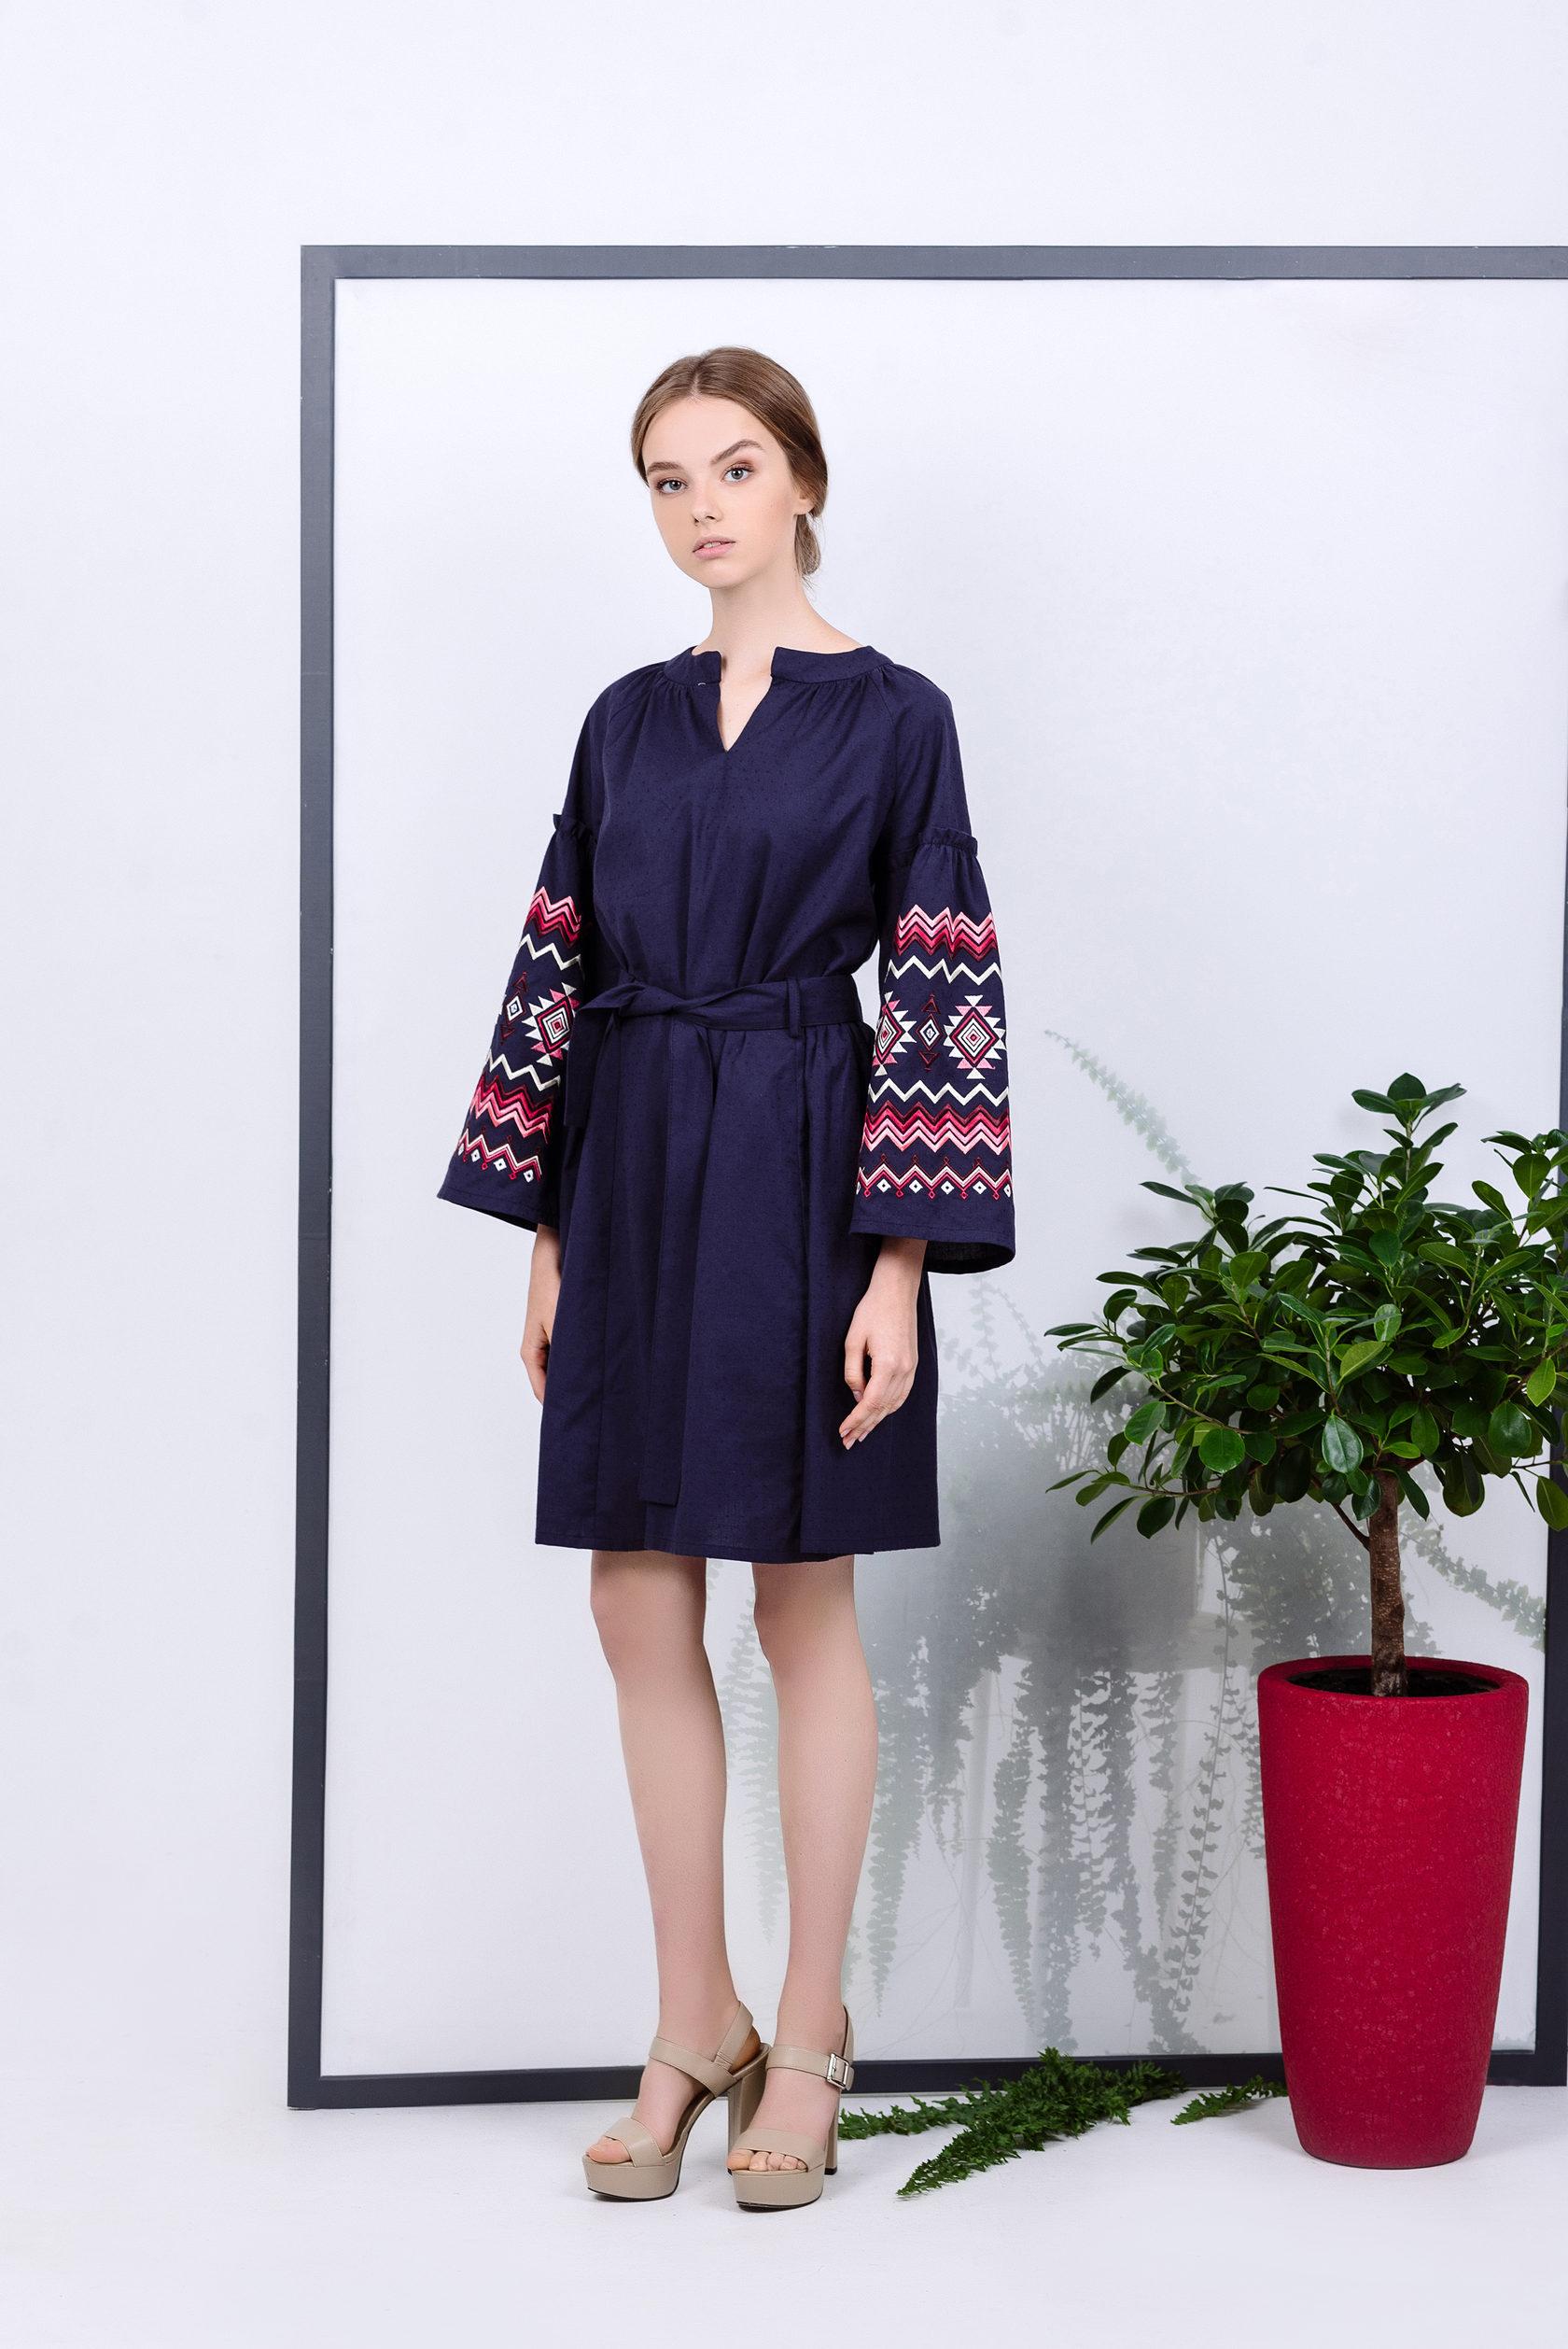 Таке плаття стане відмінним доповненням гардеробу. Сукня може  використовуватися в якості щоденного або святкового образу. f2d335f7540ee